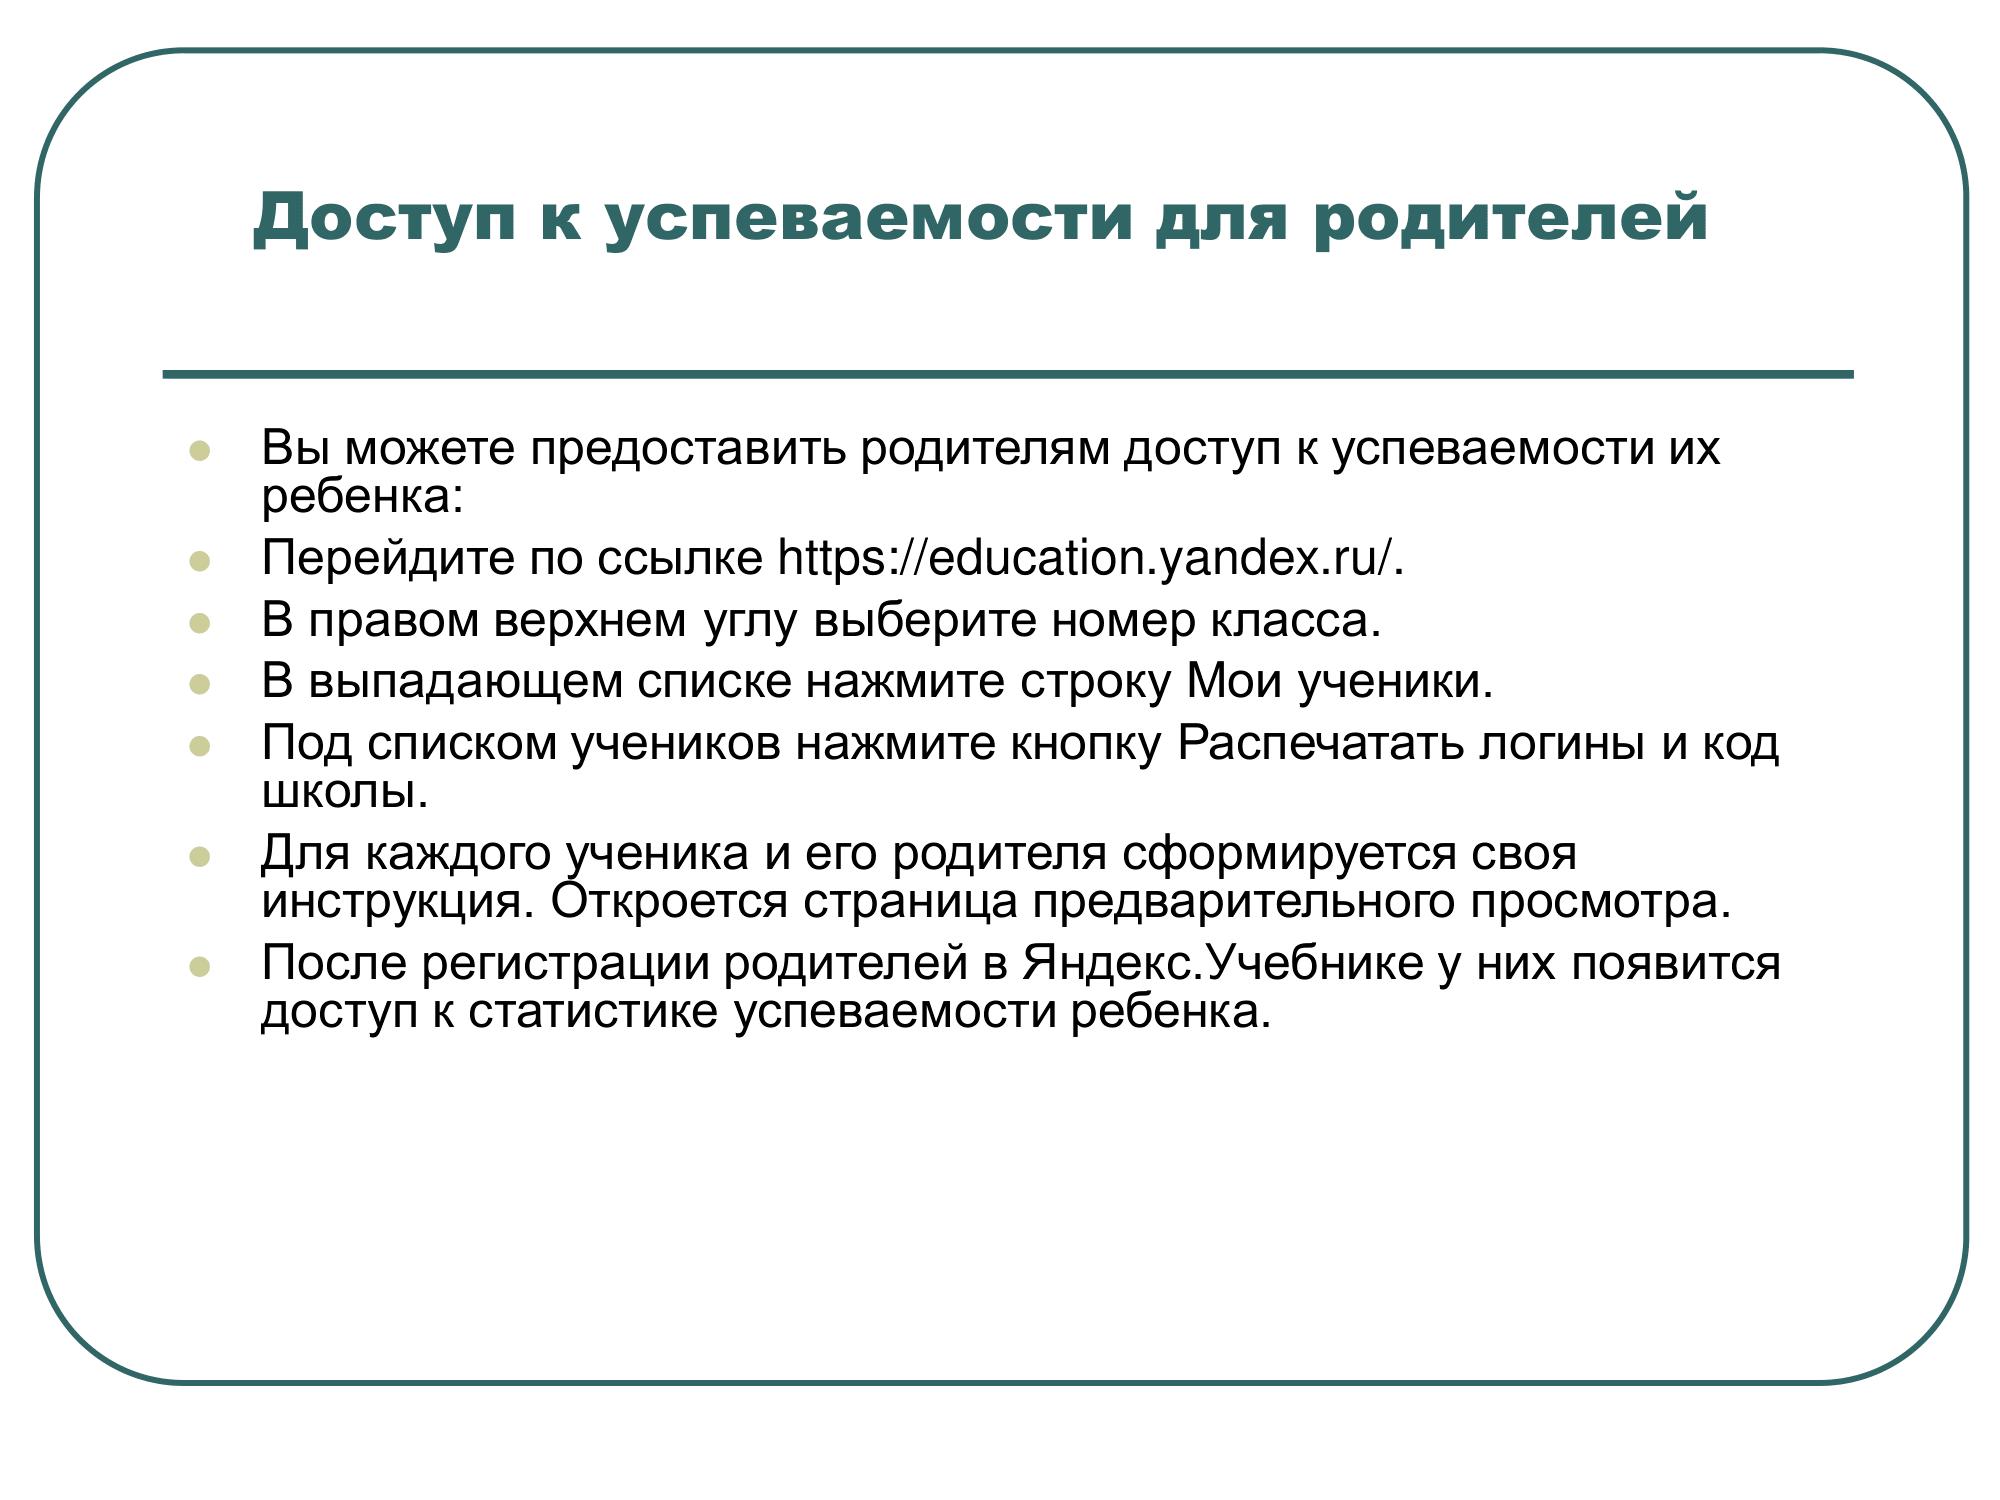 яндекс учебник. Презентация к докладу Васильченко Т.В._0009